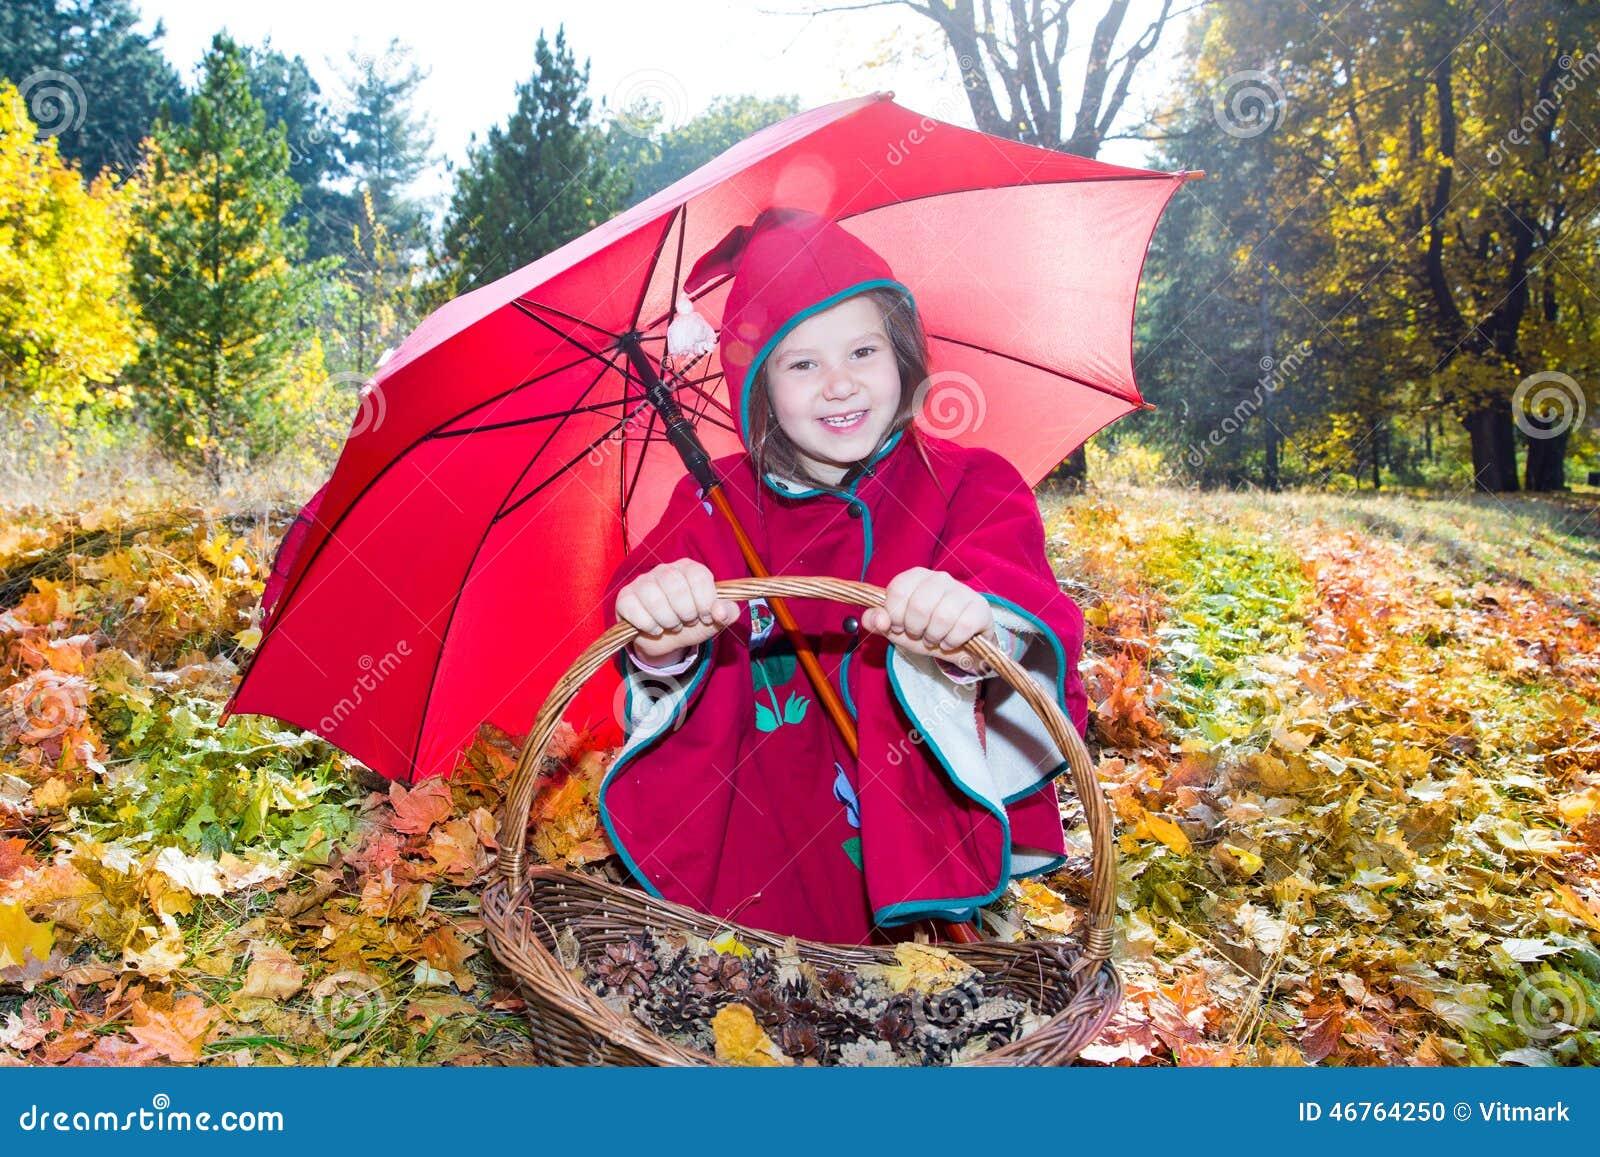 fille mignonne d'enfant jouant avec le parapluie dans des